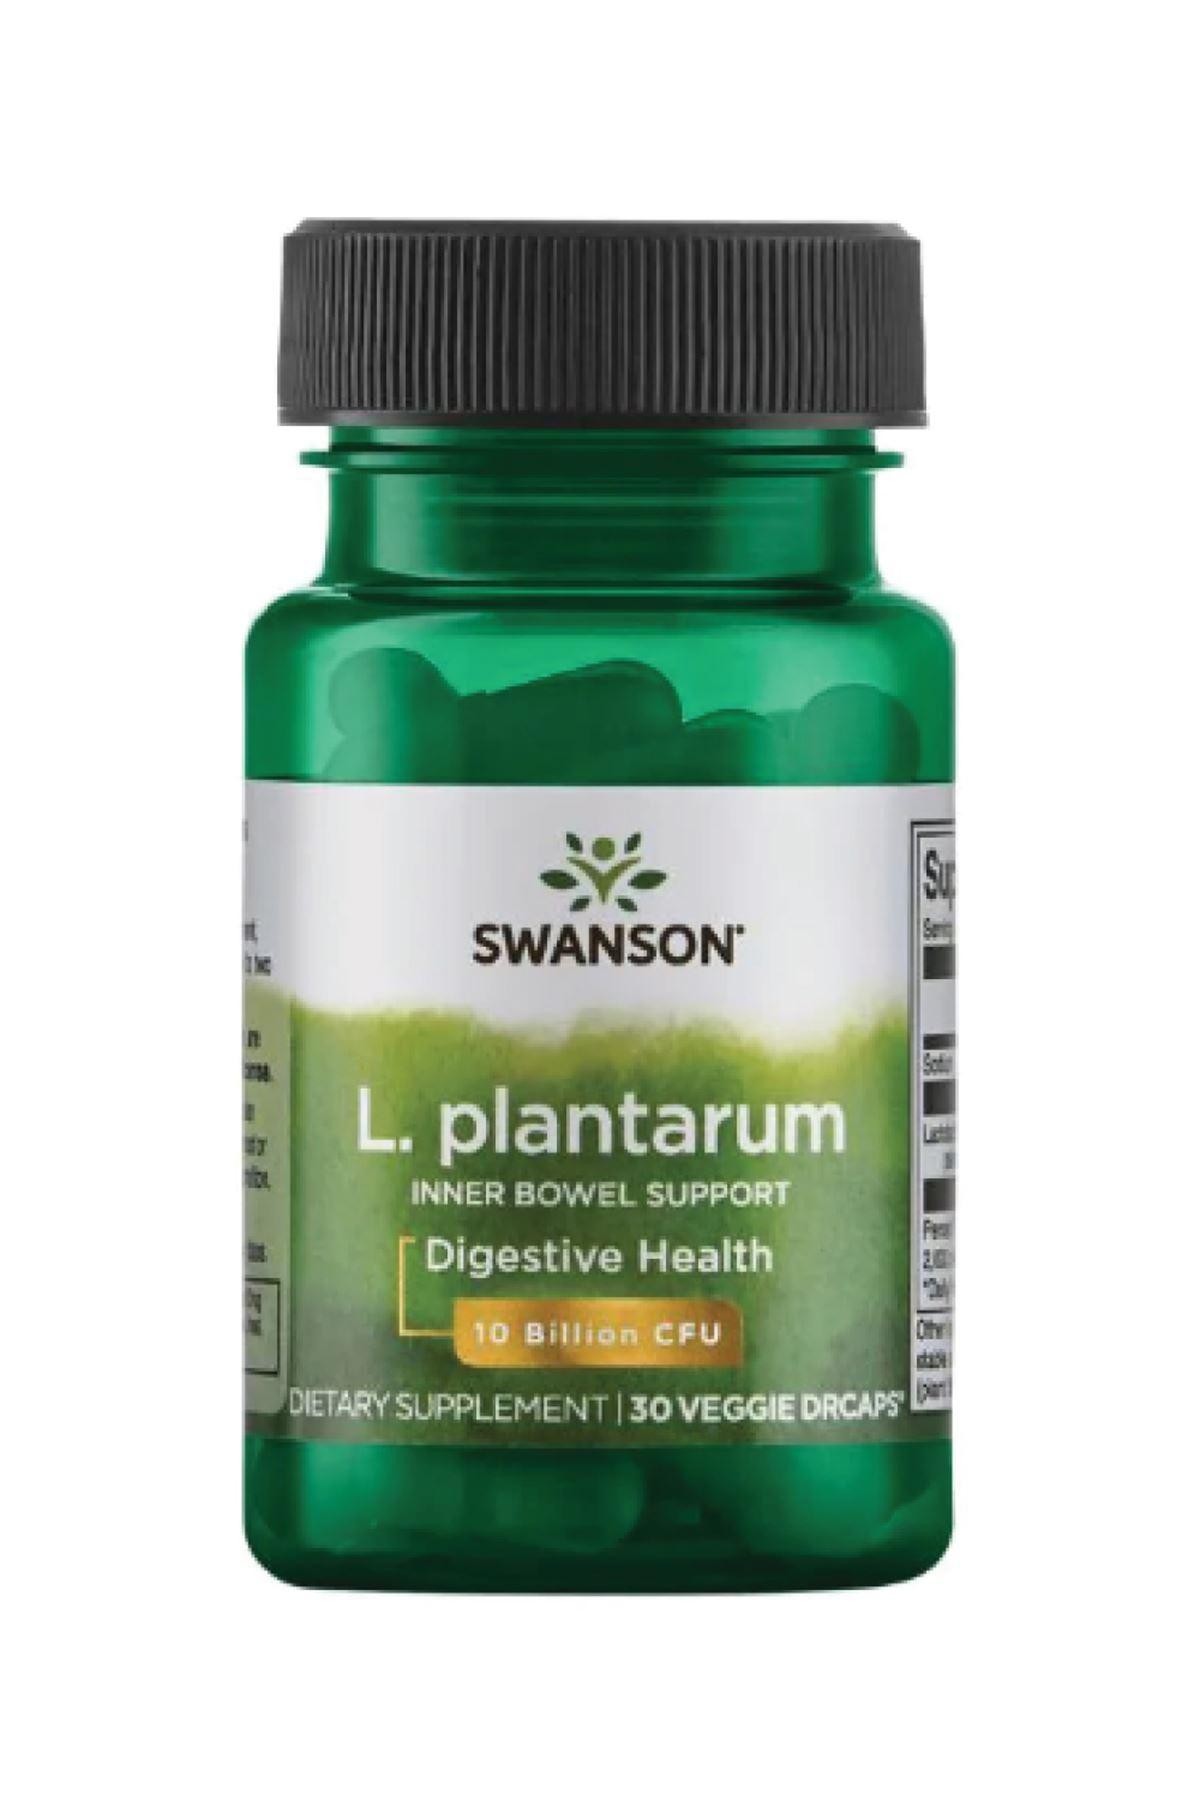 L. plantarum Probiotic